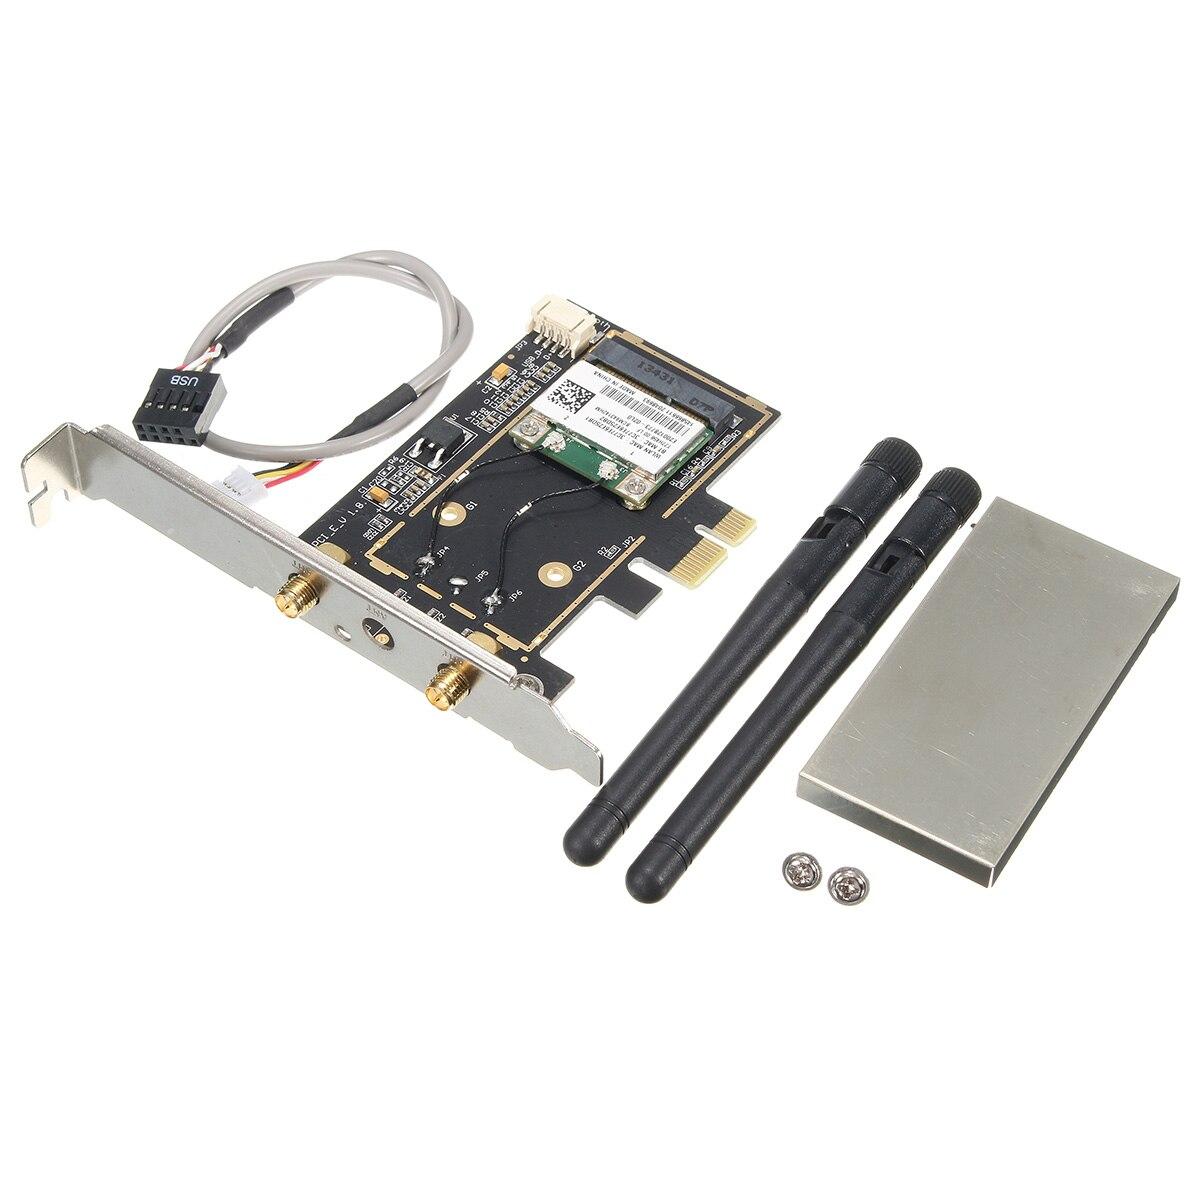 Фирменная Новинка 300 Мбит/с Беспроводной Wi-Fi pci-e карты для настольных ПК с Телевизионные антенны Беспроводной Wi-Fi <font><b>Bluetooth</b></font> 4.0 для рабочего ноутбу&#8230;